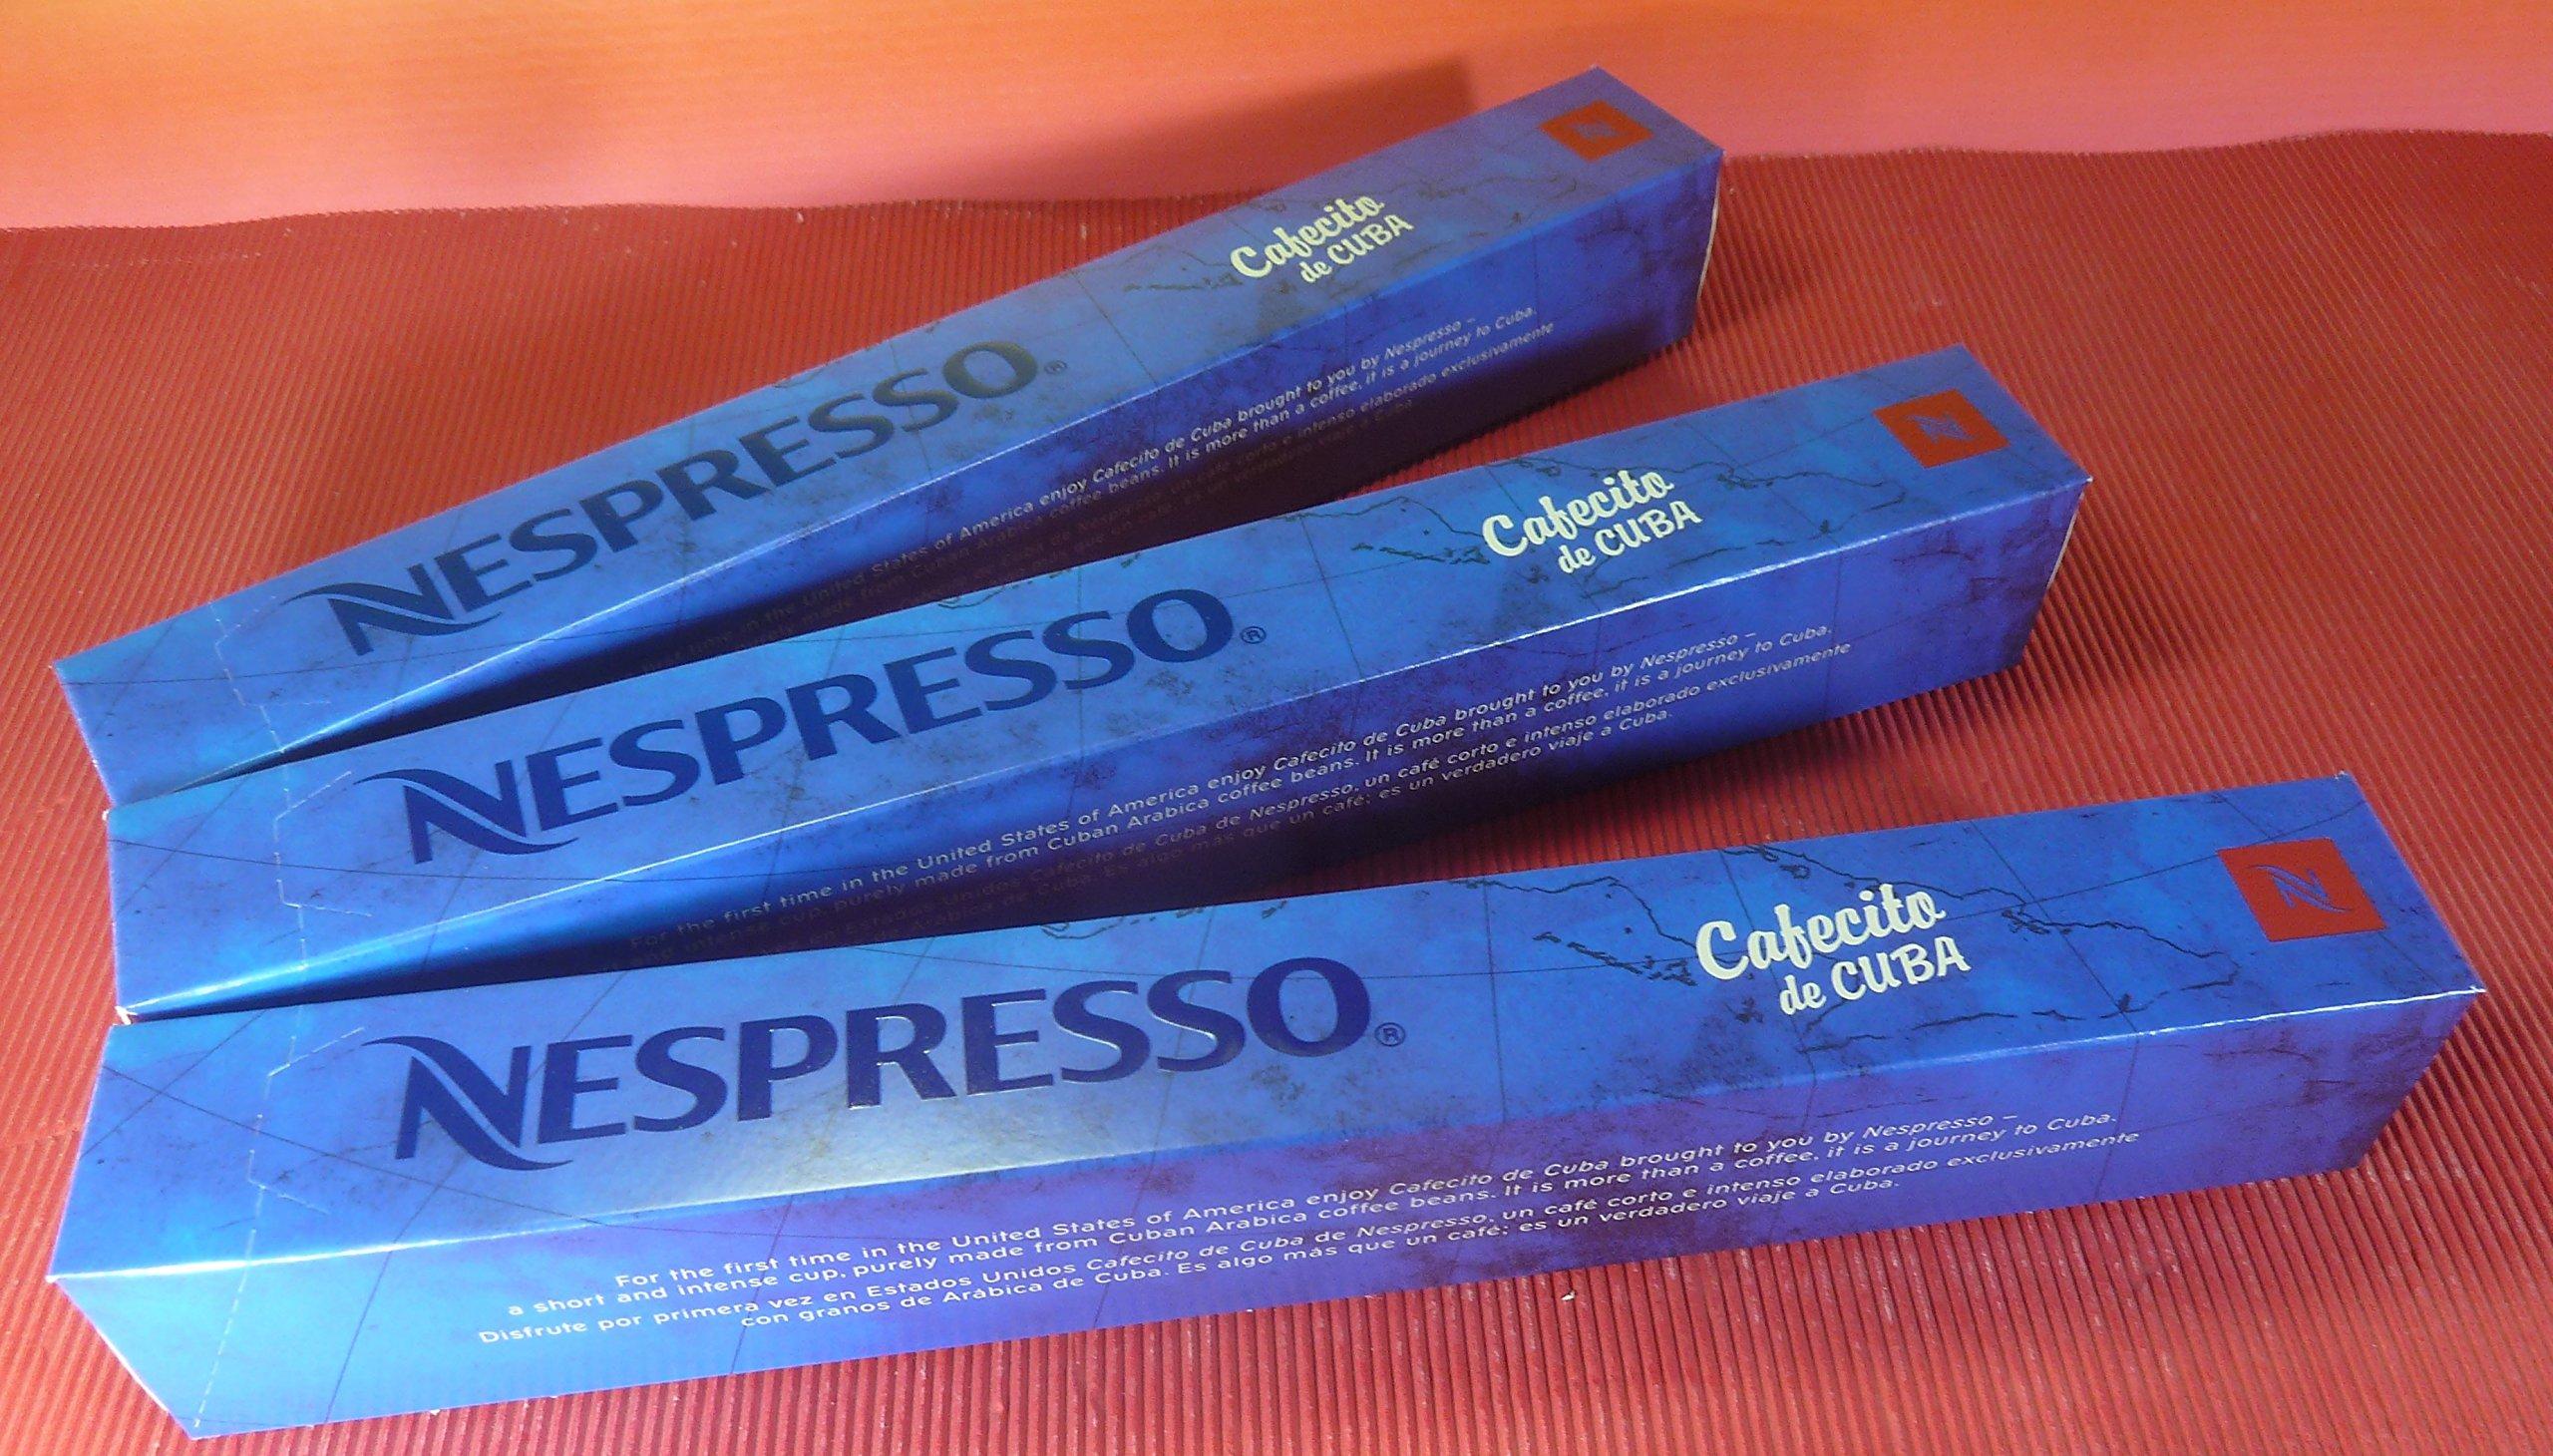 NESPRESSO CAFECITO DE CUBA 3 SLEEVES INTENSITY 10,FRESH by Nespresso (Image #1)